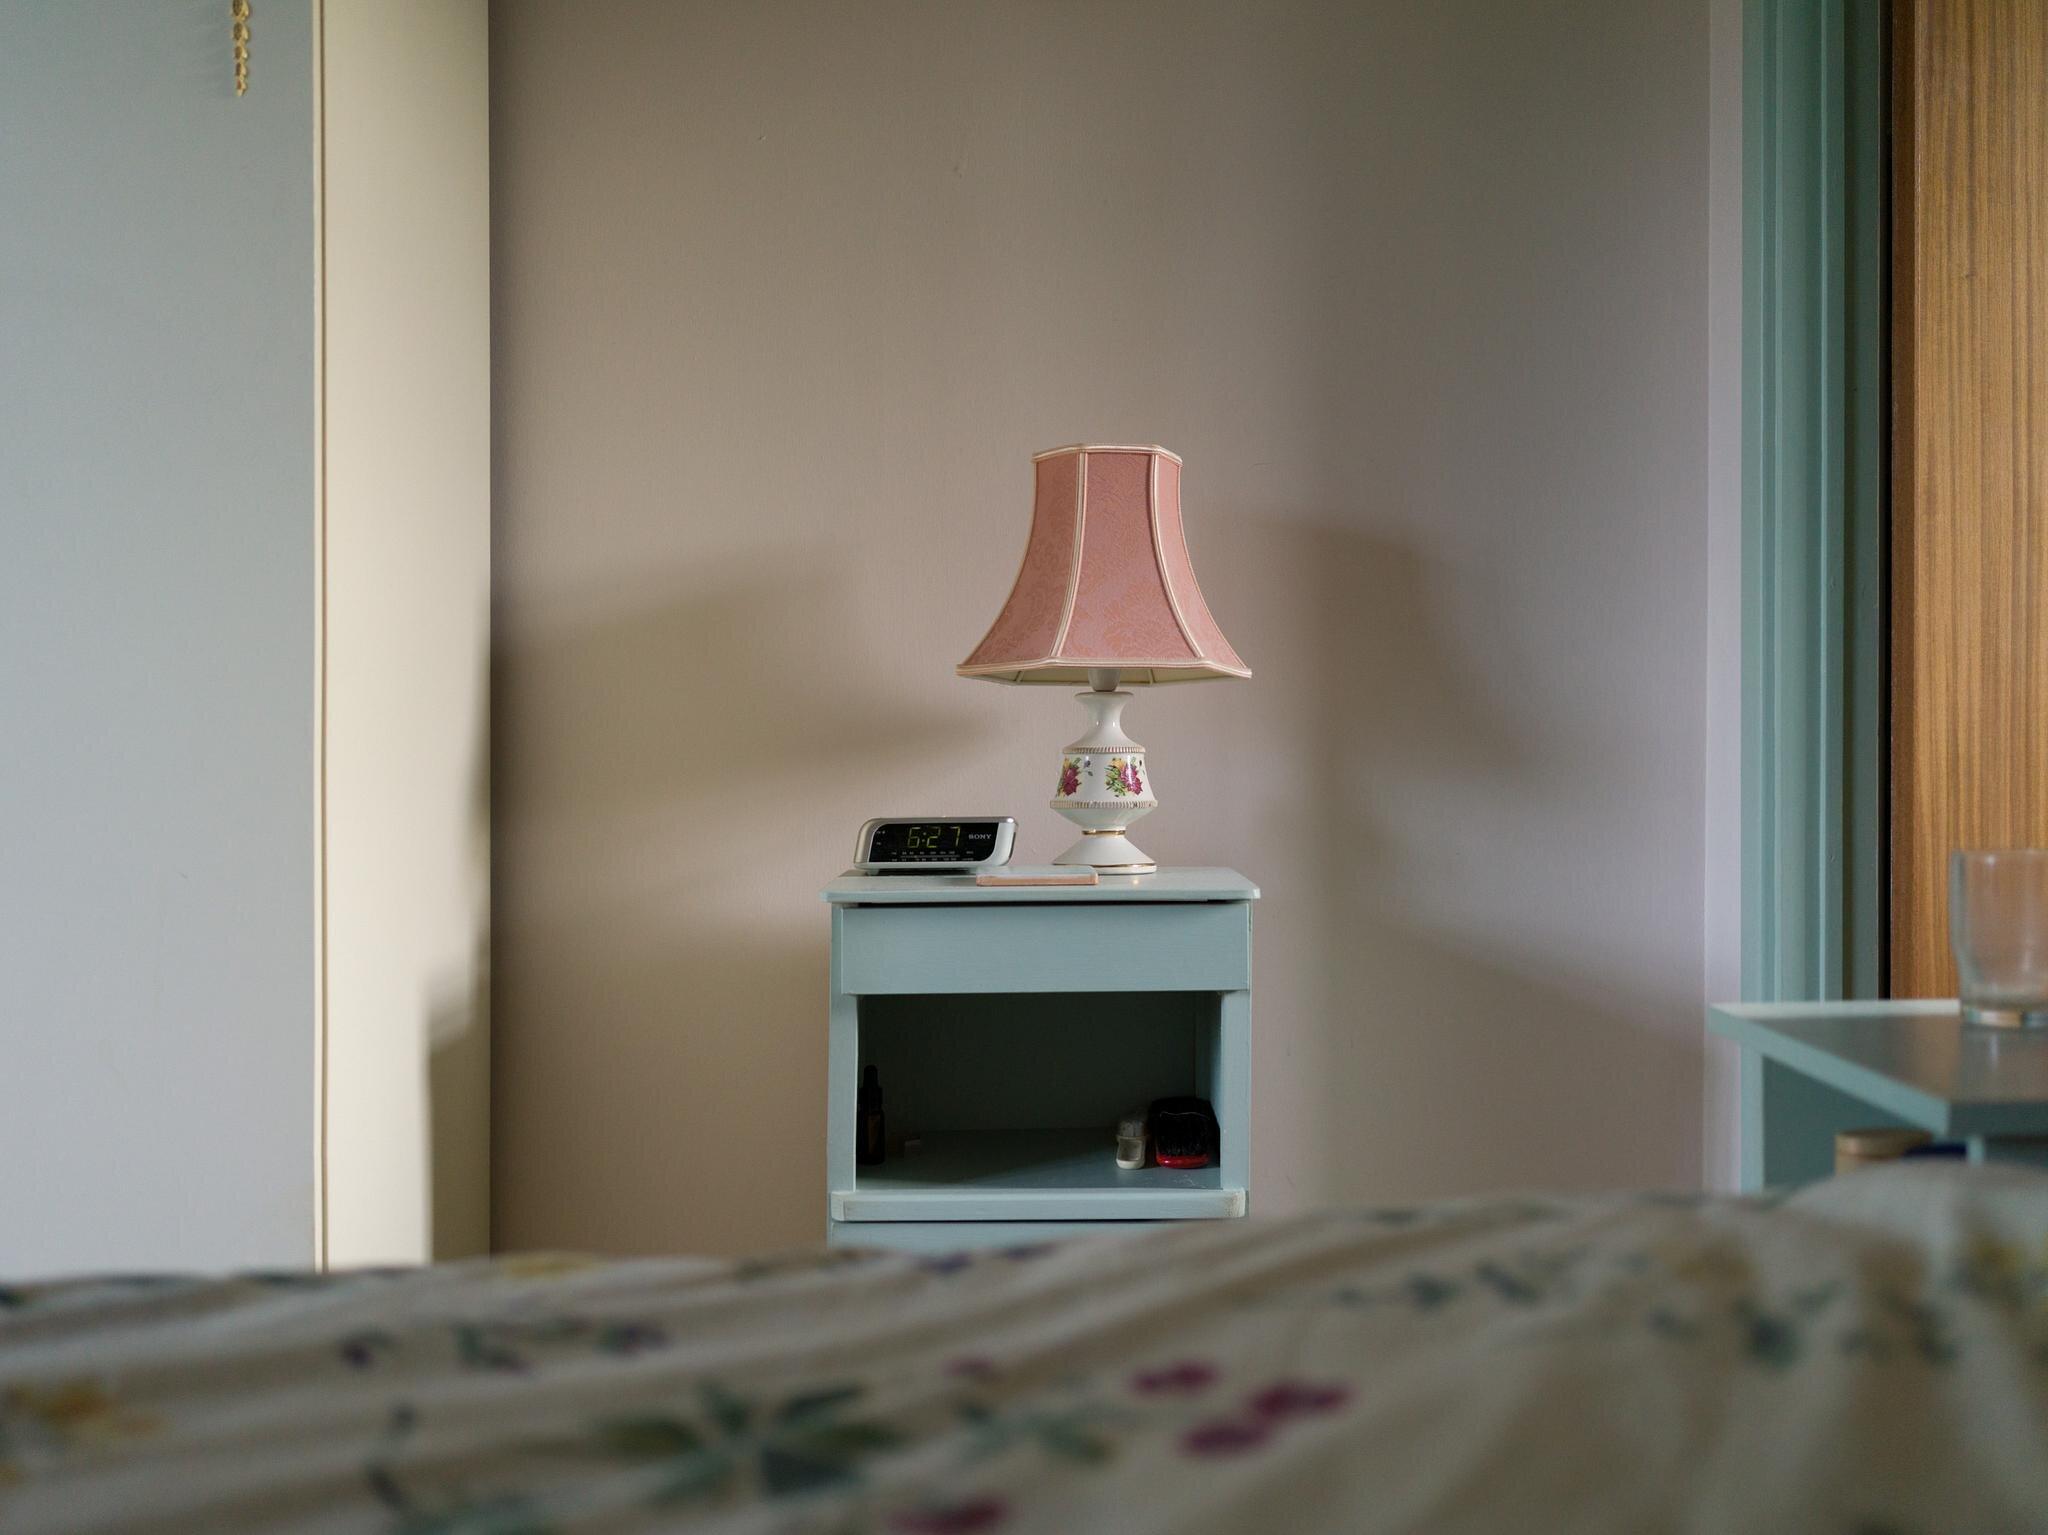 Julian-Ward-Lamp.jpg